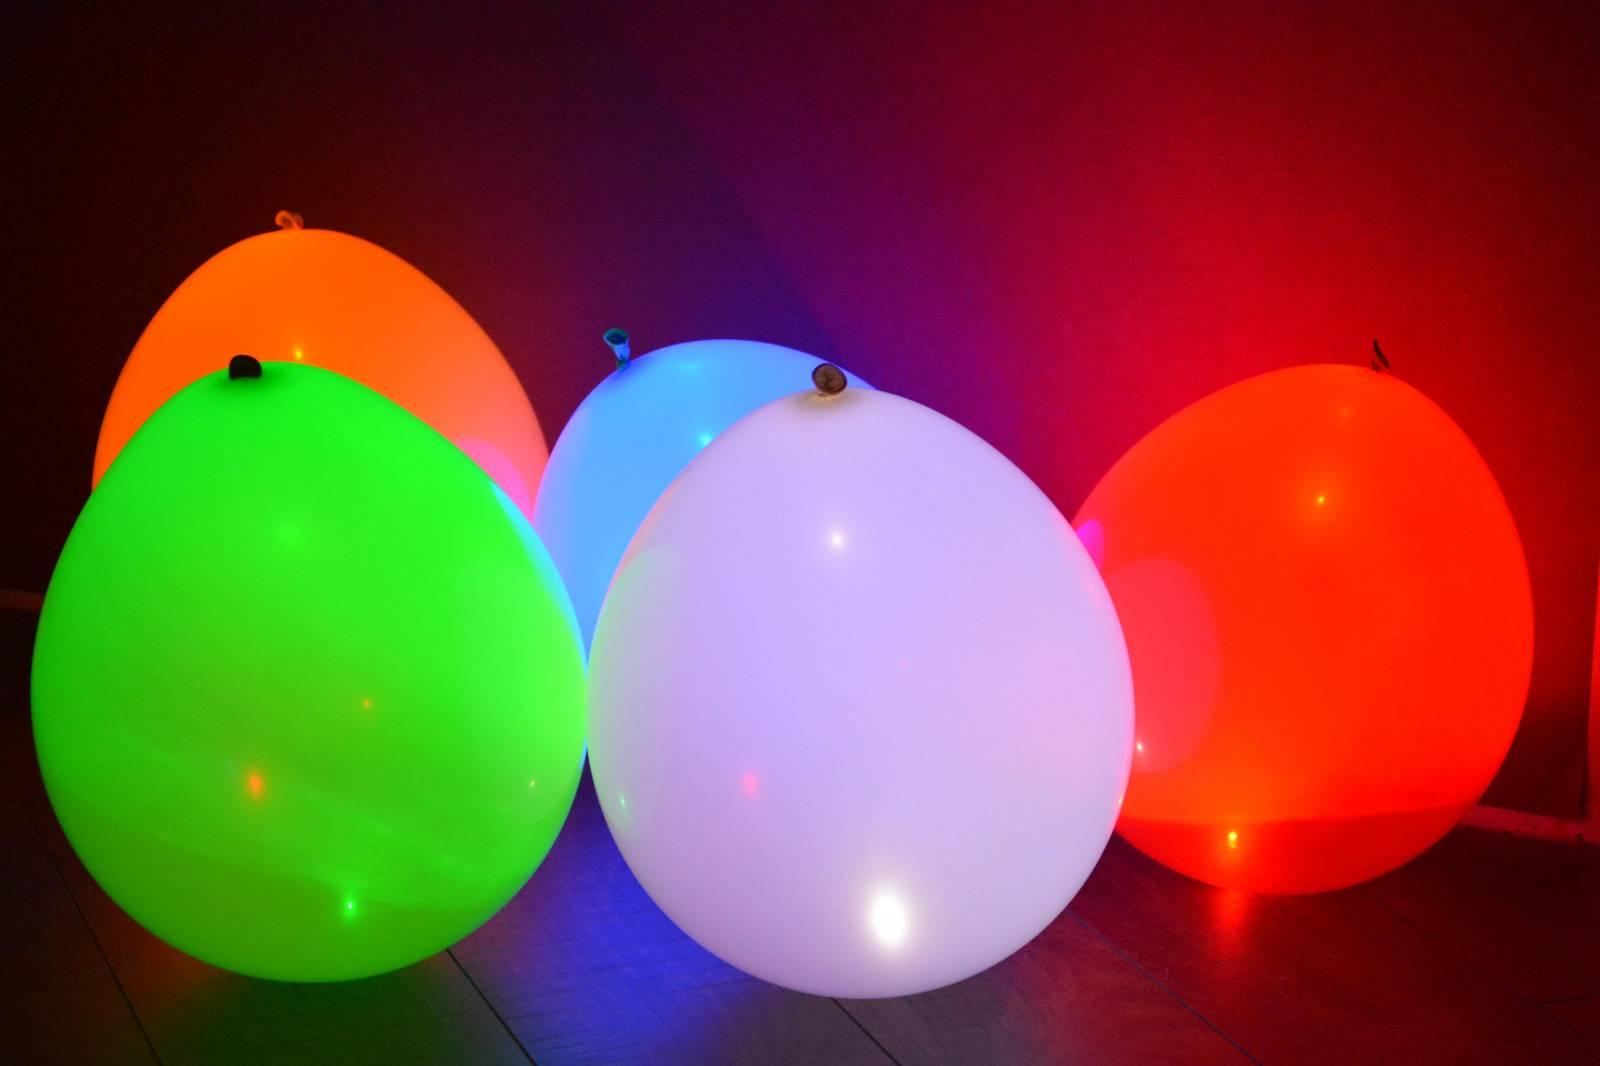 Светящиеся воздушные шары. Как сделать своими руками 15